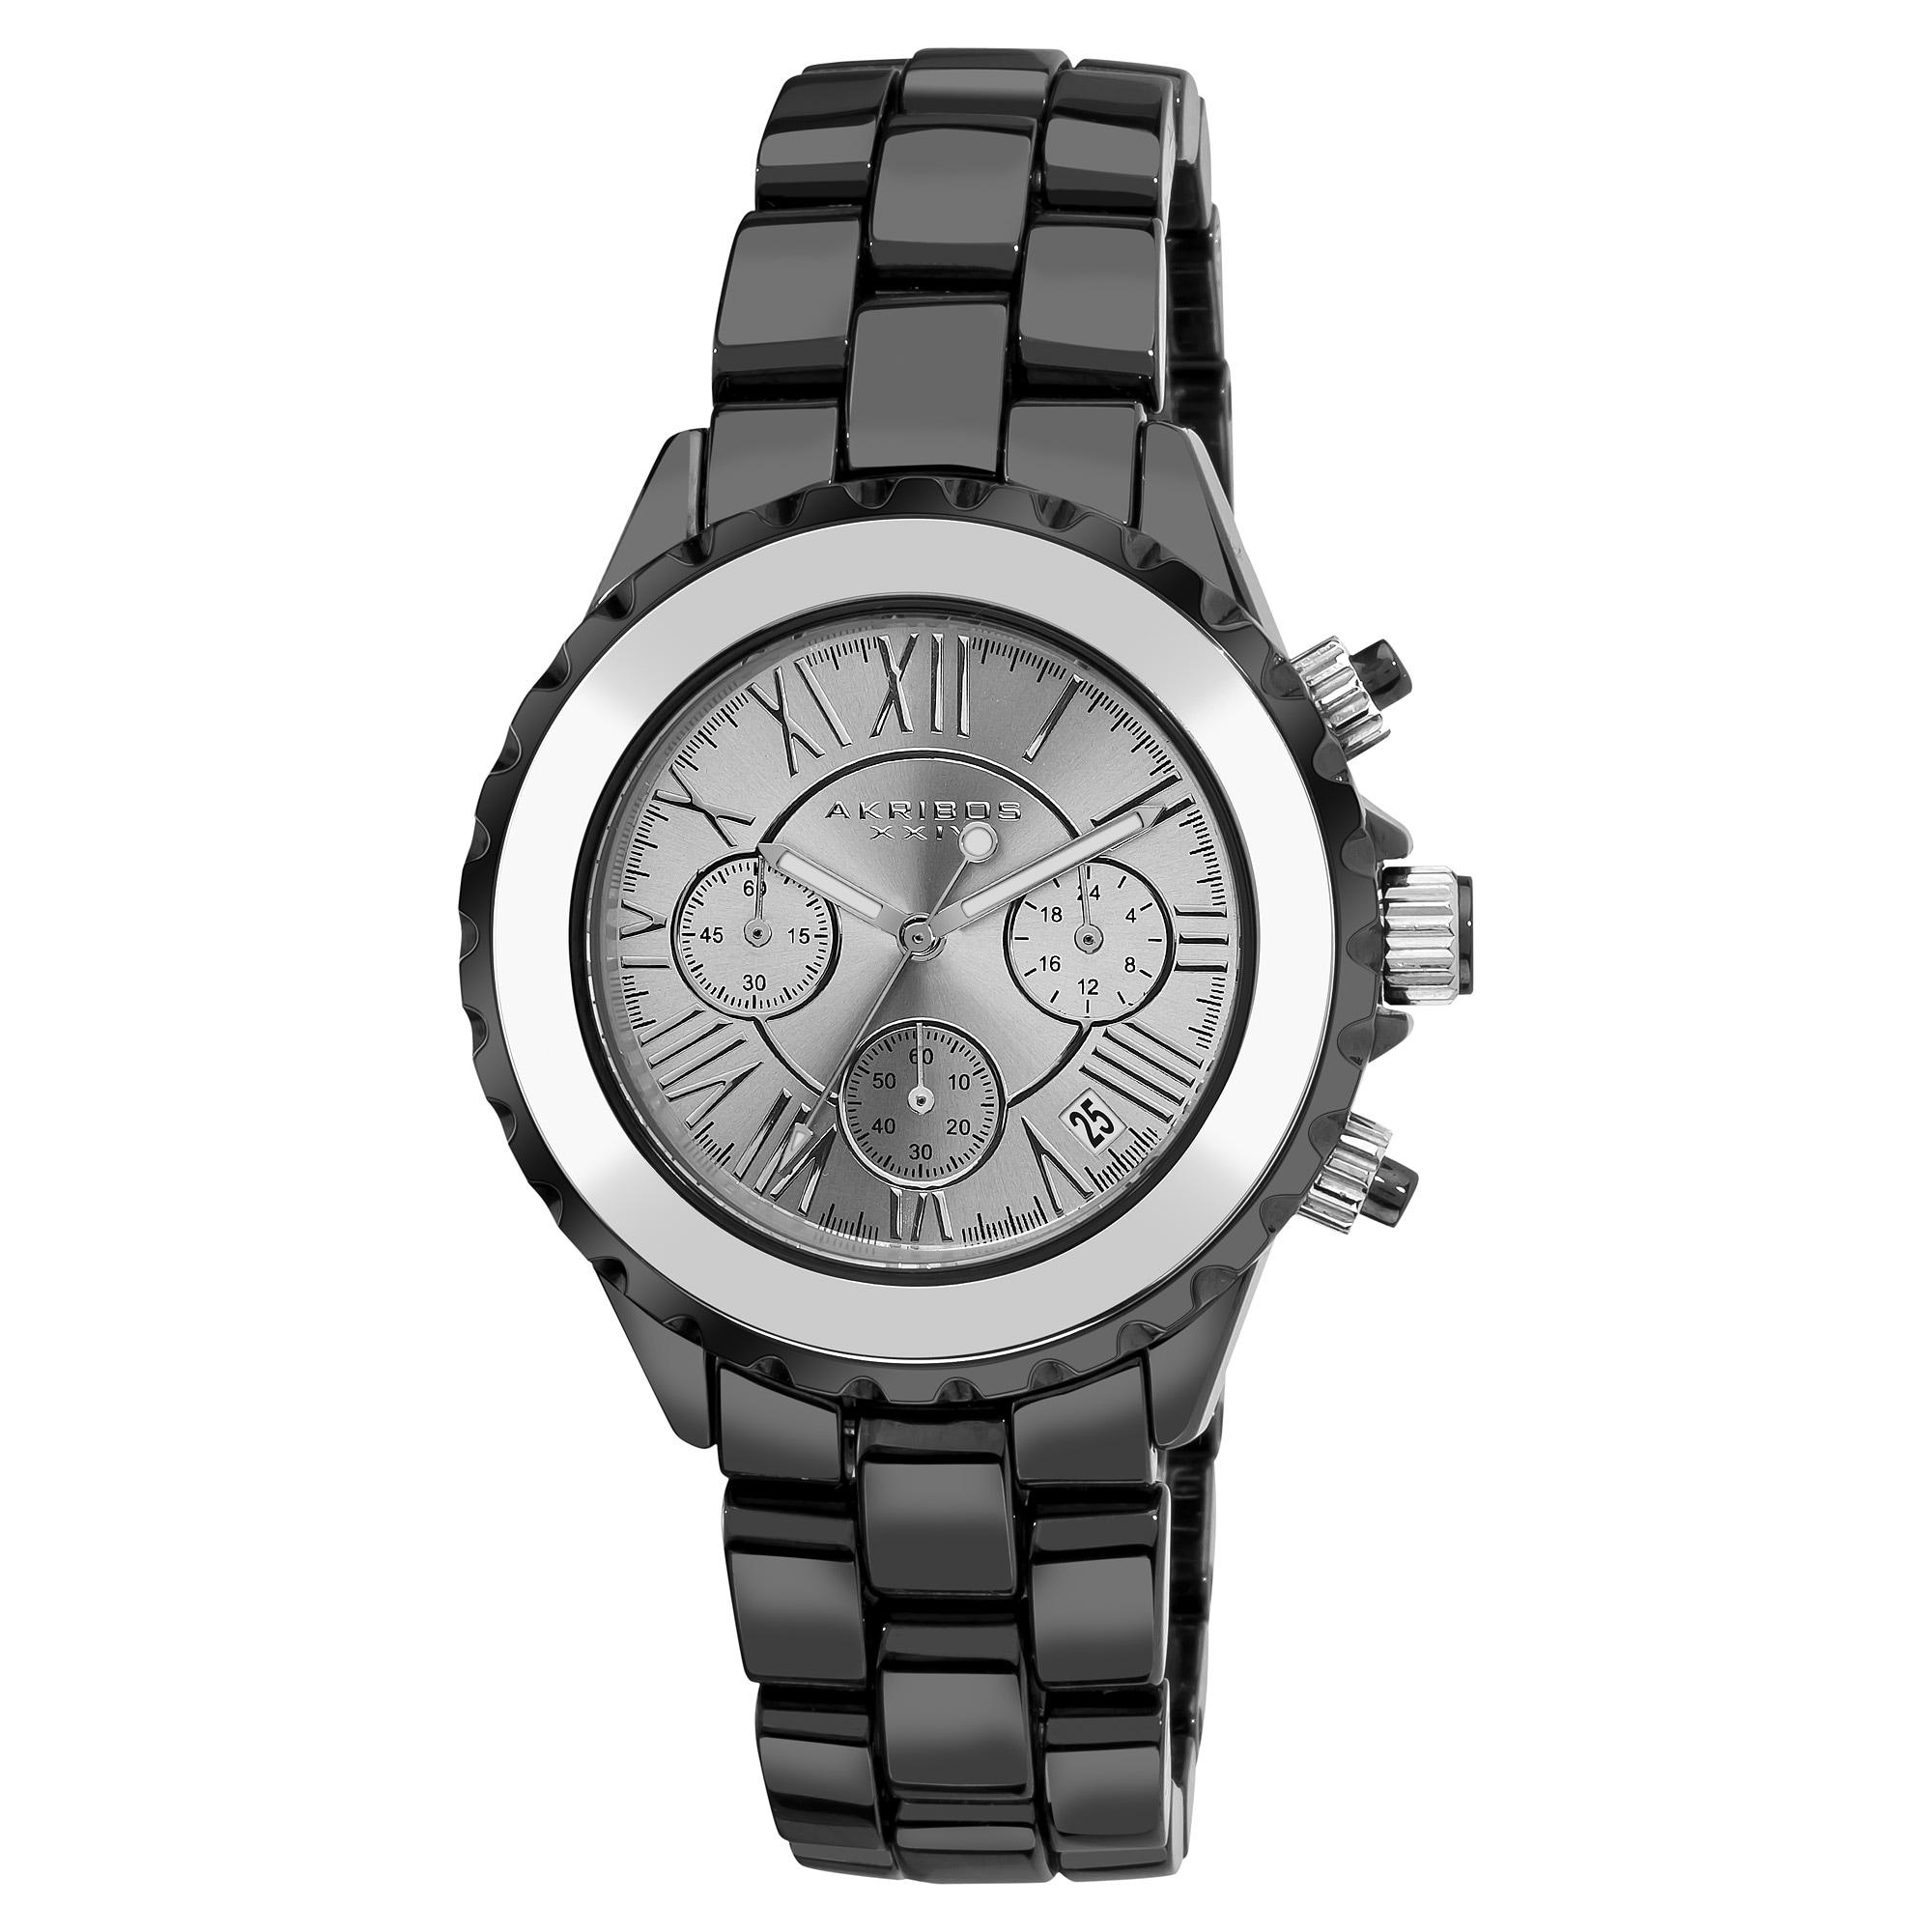 Akribos XXIV Men's Ceramic Silver-tone Chronograph Watch